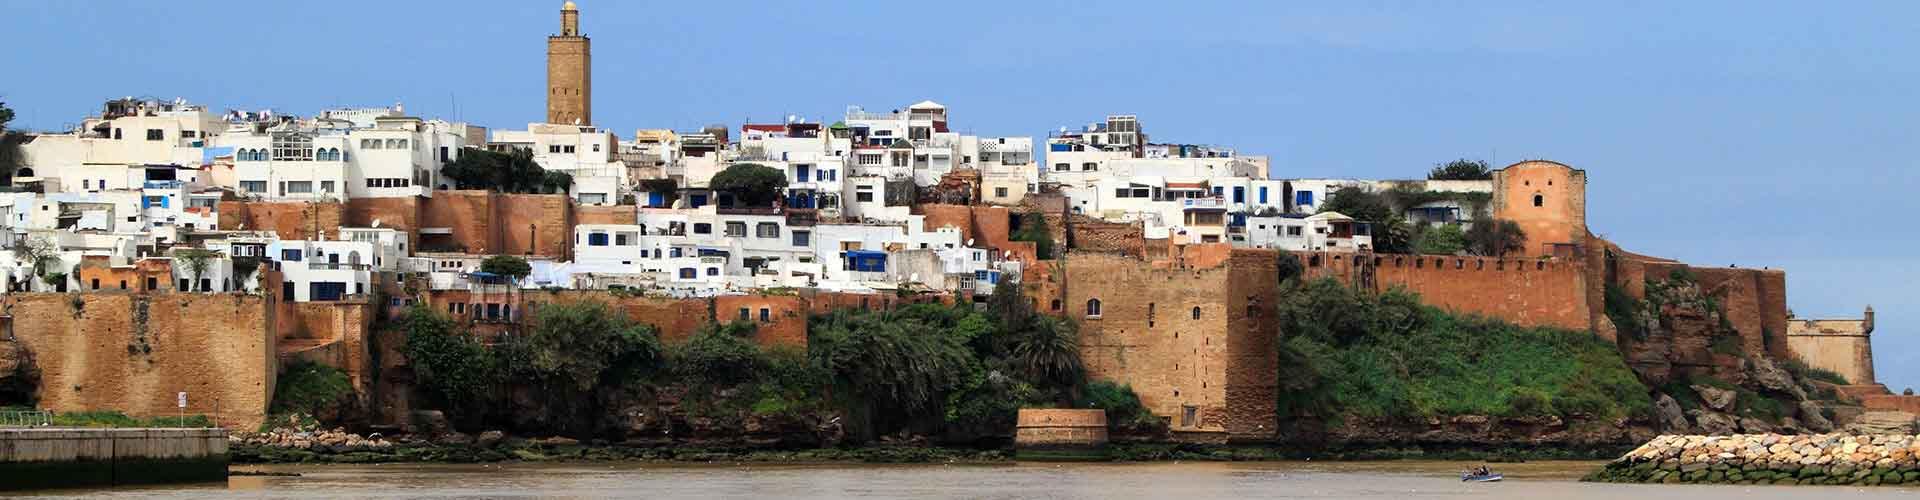 Rabat - Chambres à Rabat. Cartes pour Rabat, photos et commentaires pour chaque chambre à Rabat.